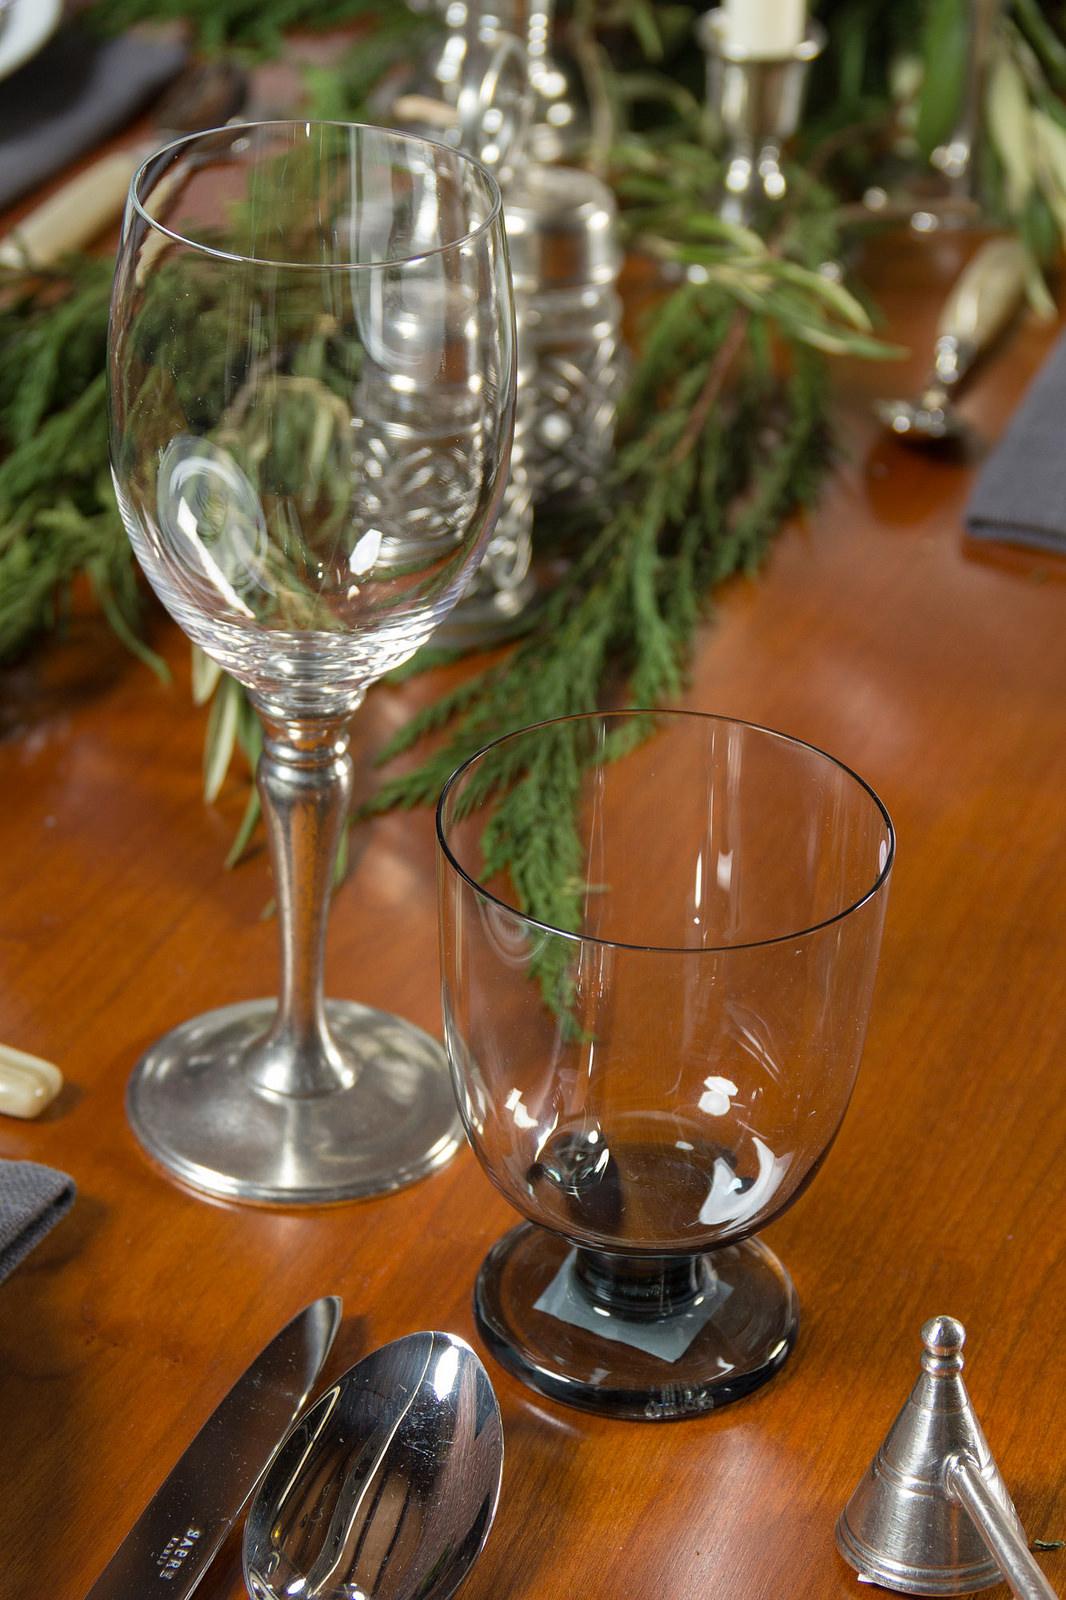 Match Pewter wine glass ,  iittala Lempi glassware ,  Match candle snuffer